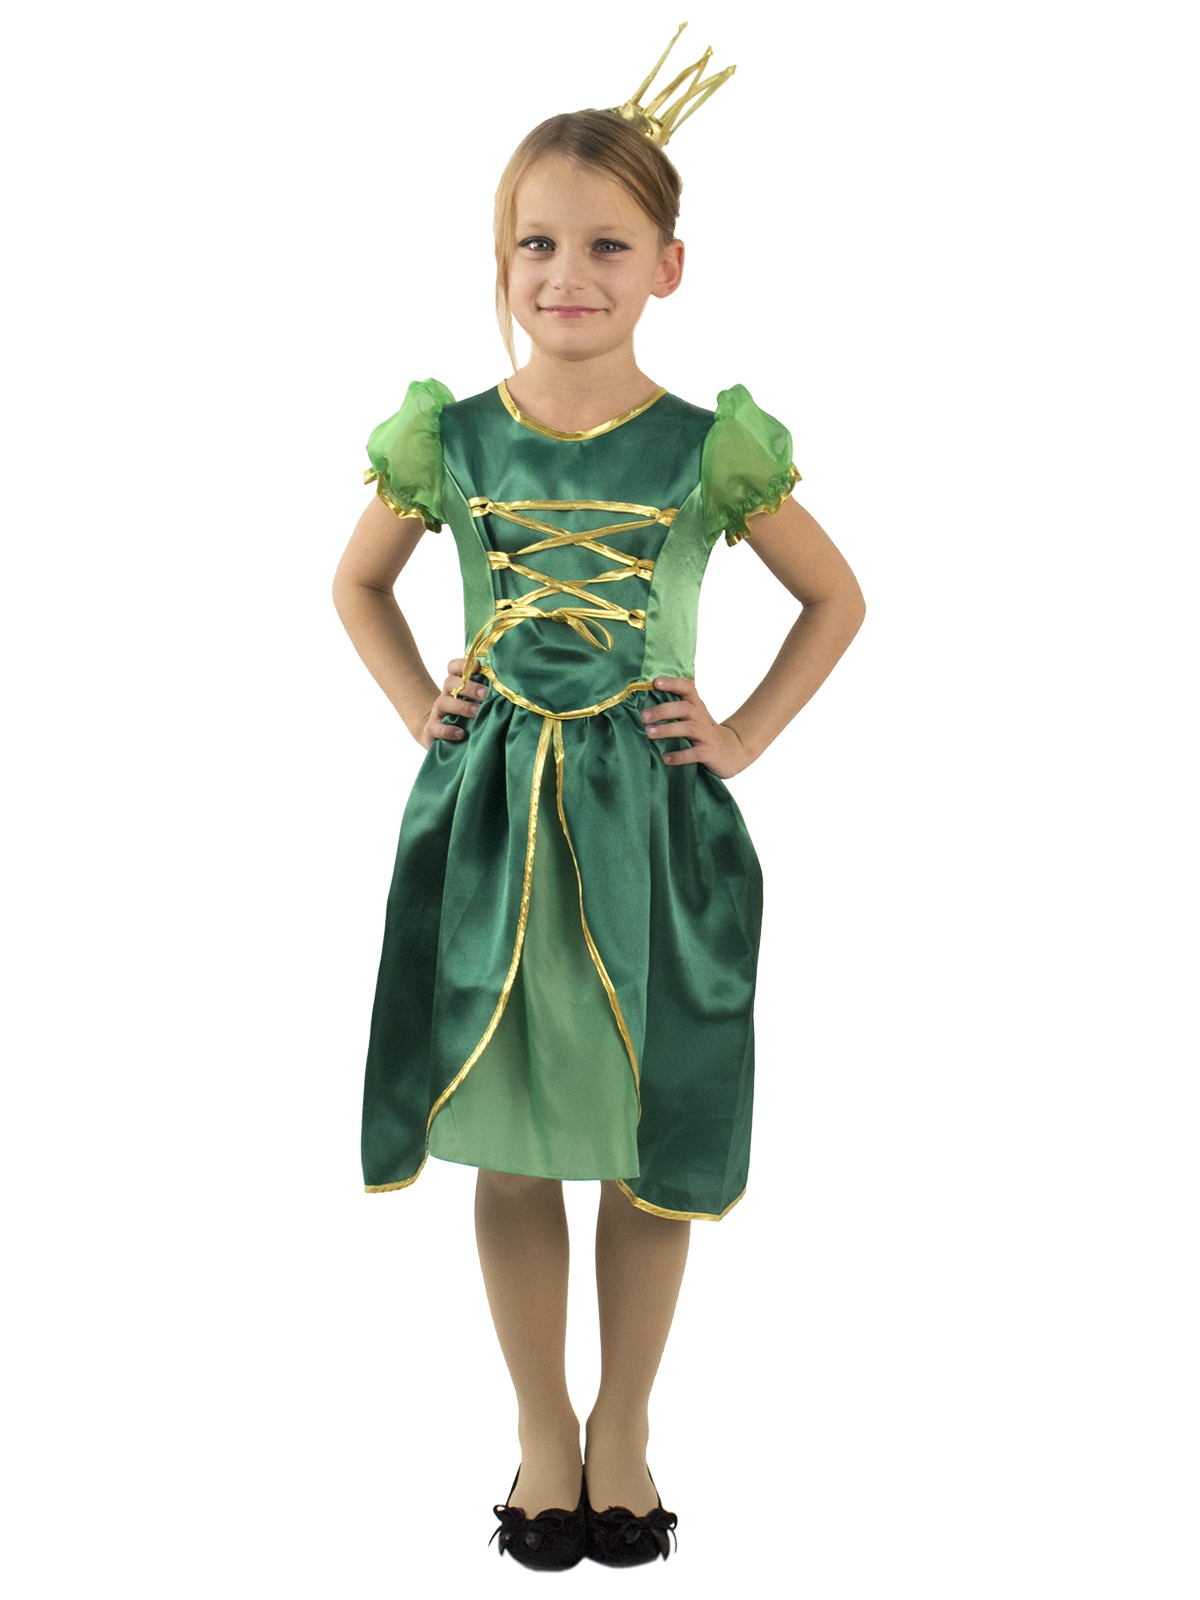 цены на Карнавальный костюм царевна-лягушка (28-30) в интернет-магазинах